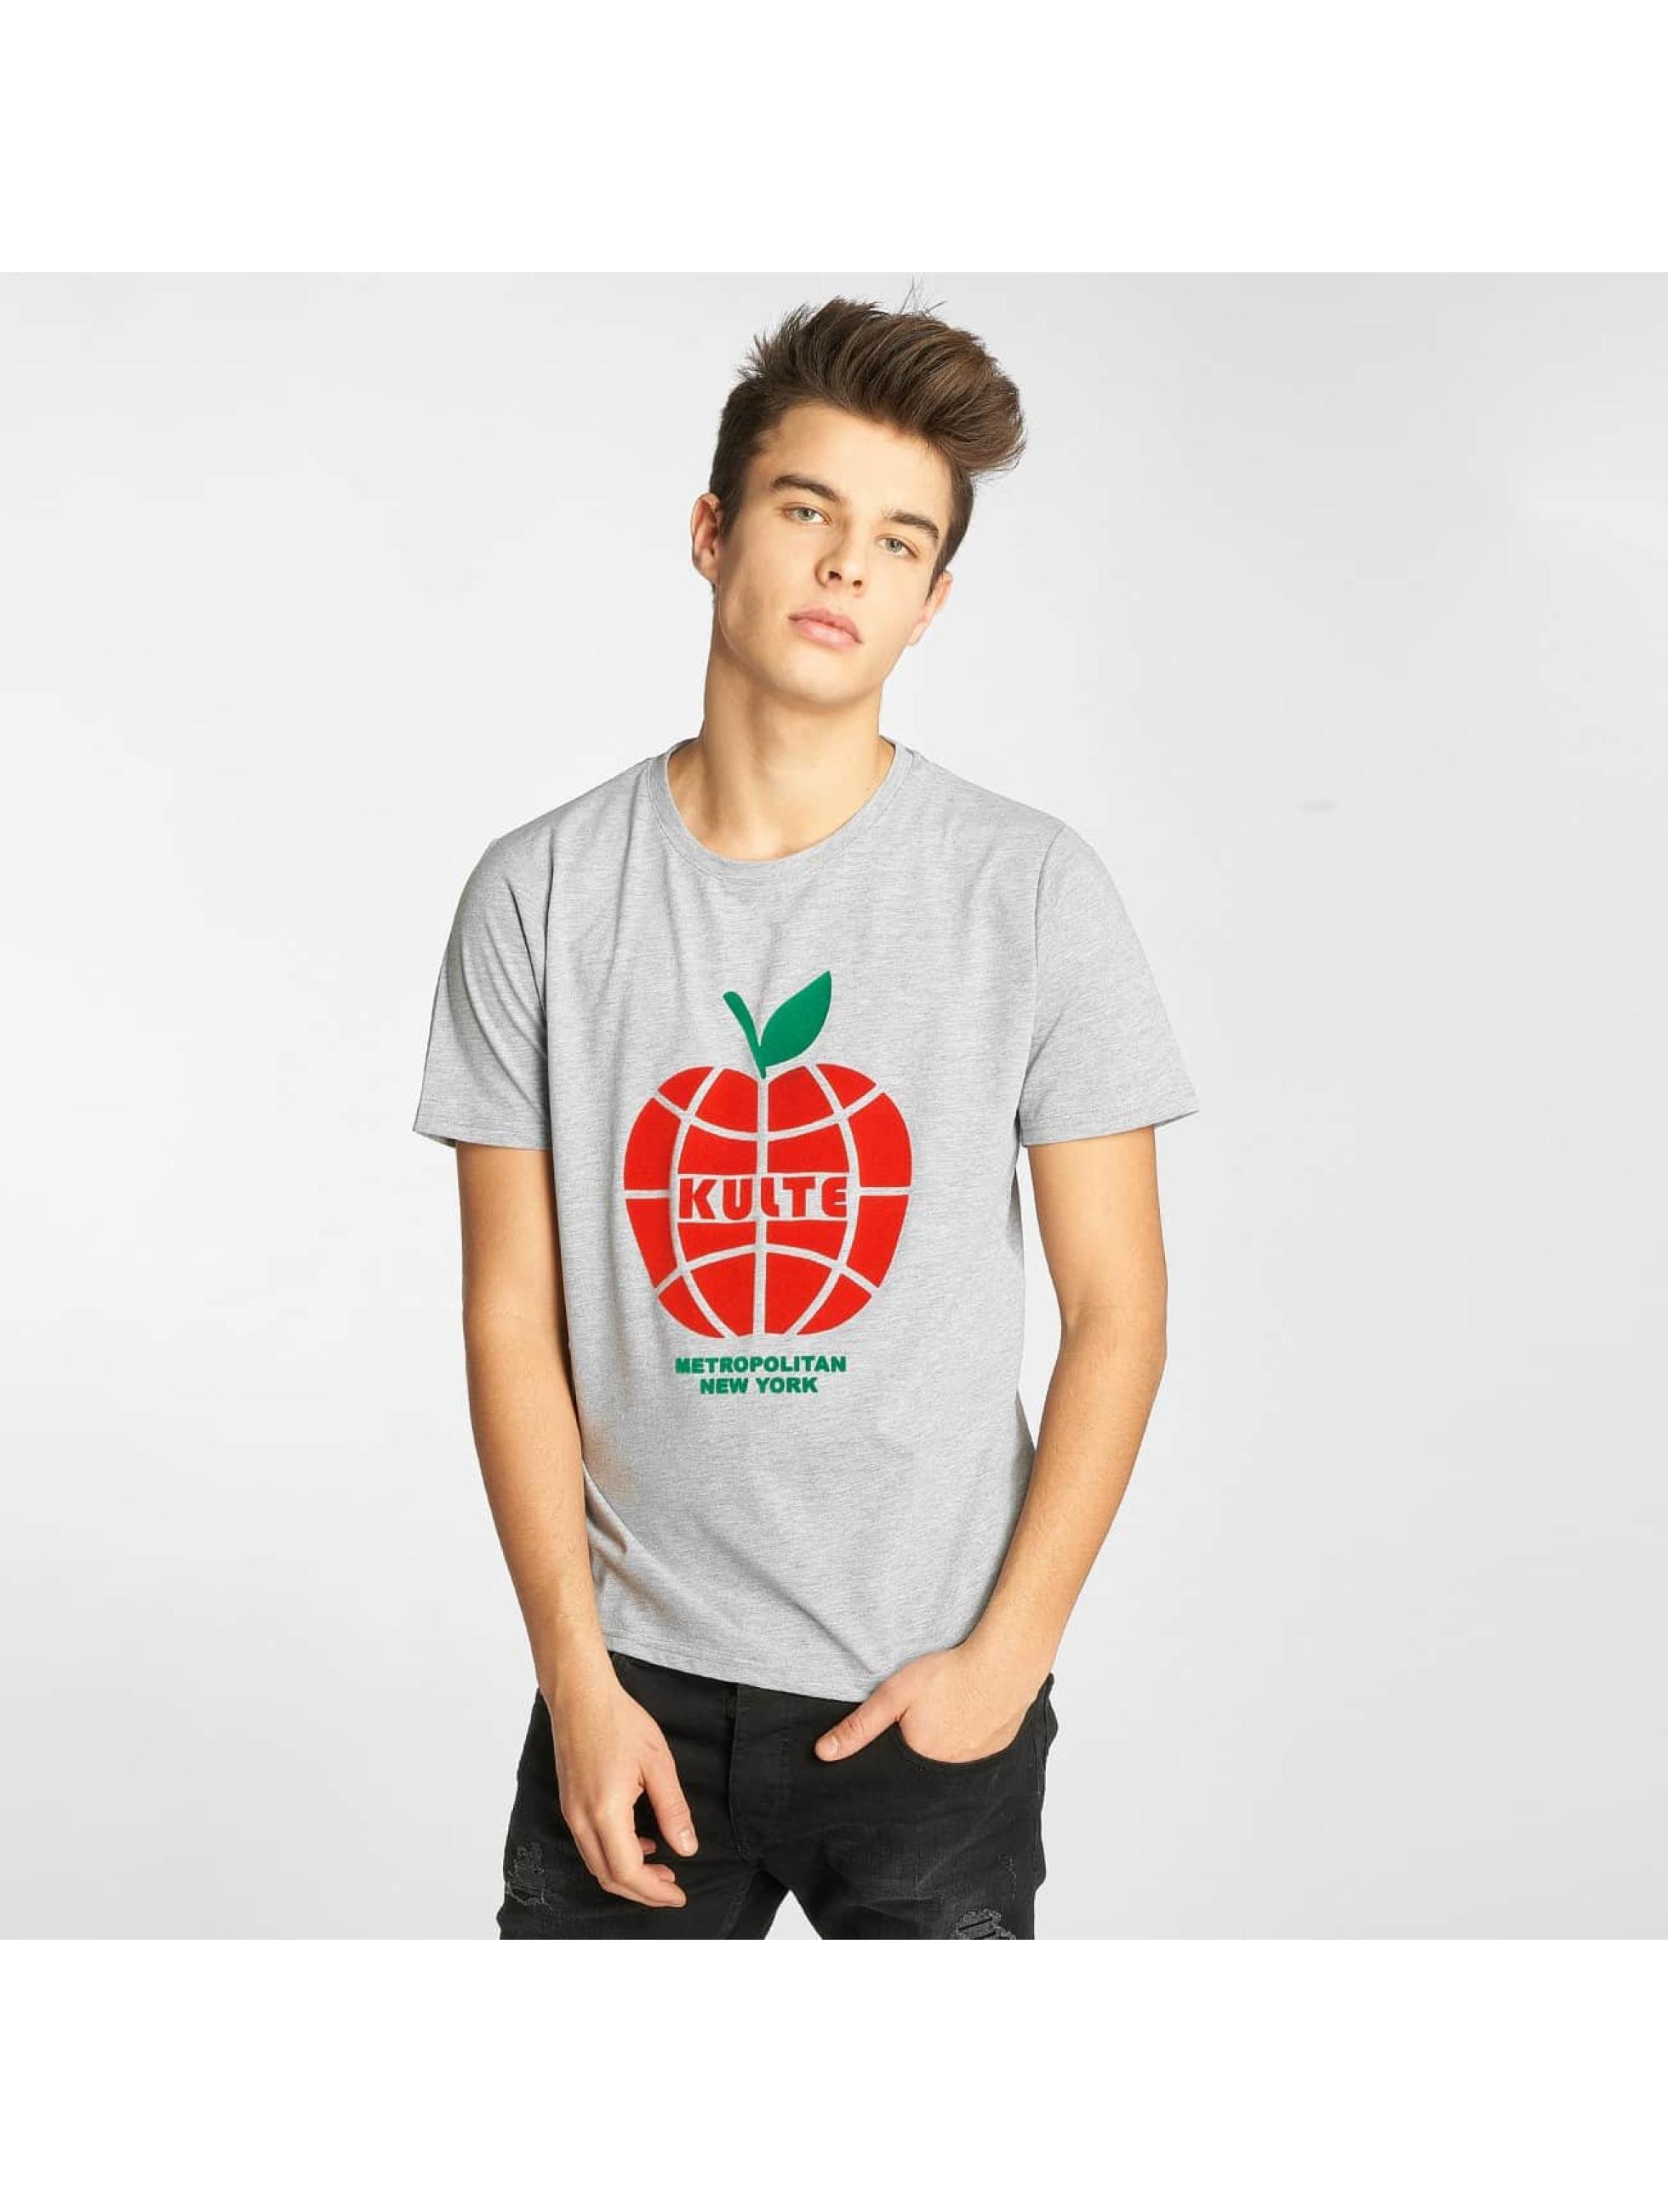 Kulte T-shirt New York grigio